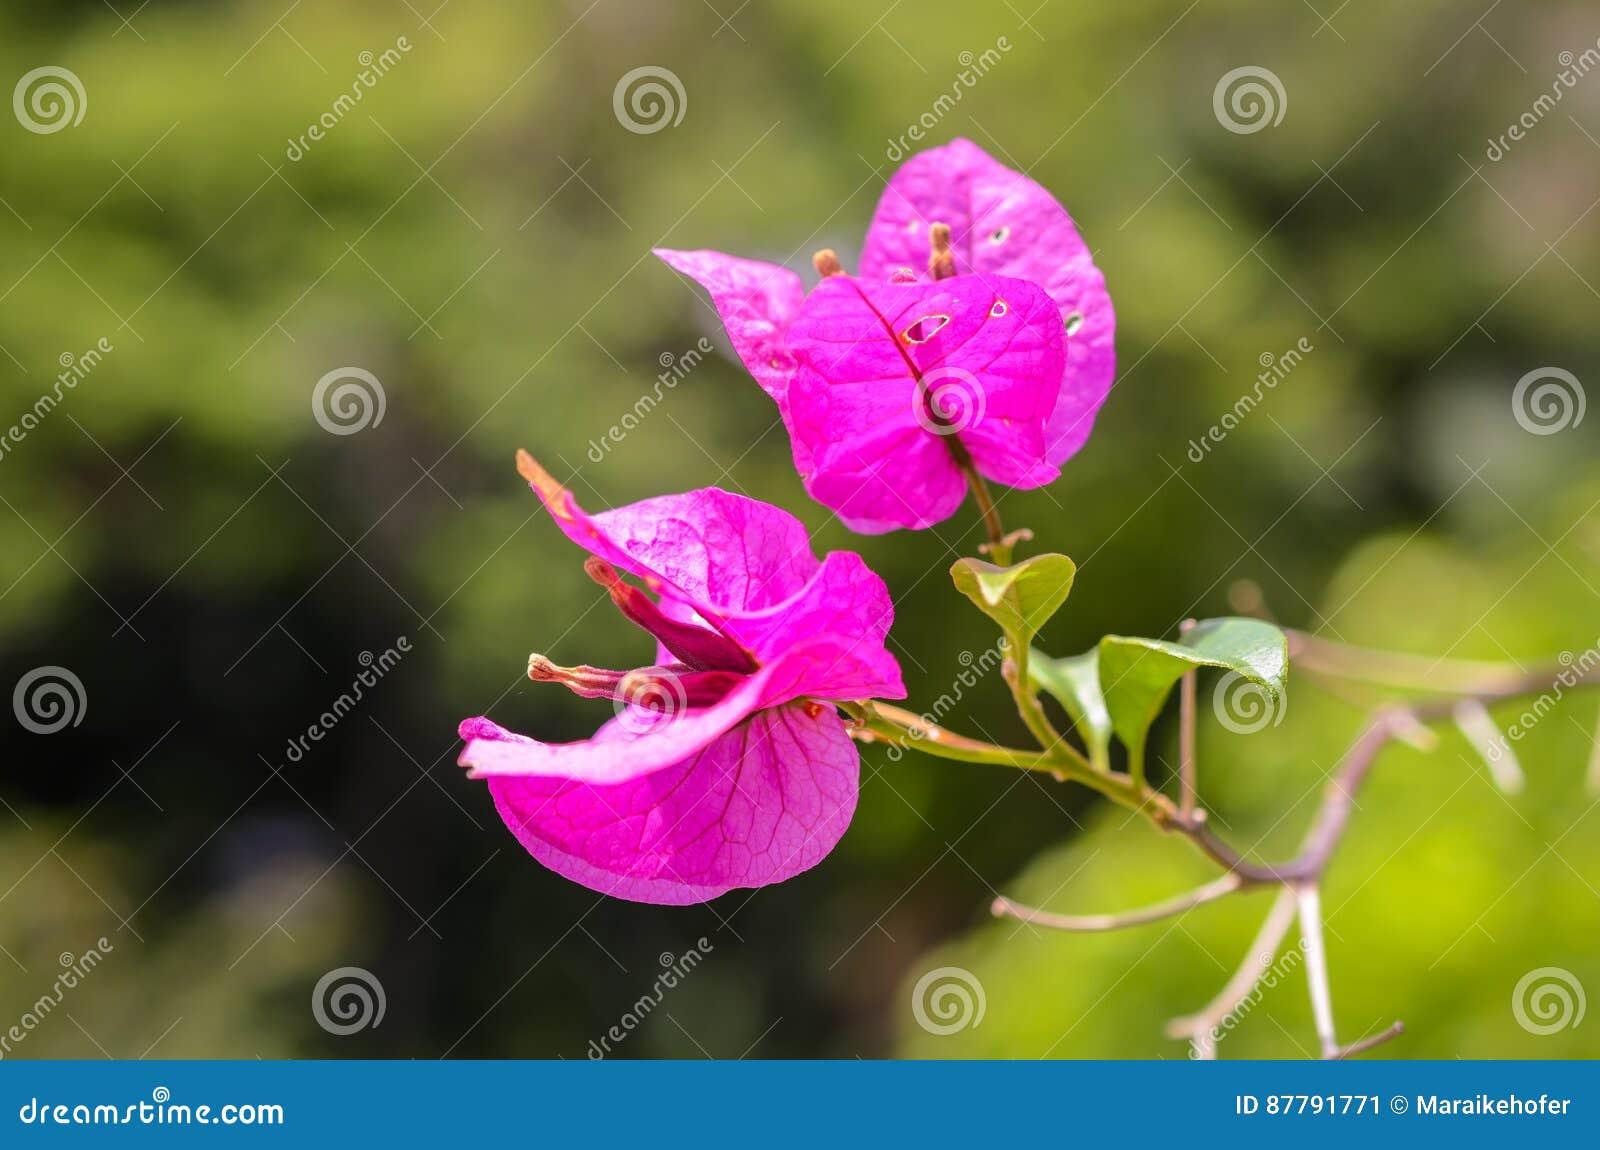 Bougainville Fleur dedans tiro tropical cor-de-rosa do close up da flor de bougainville